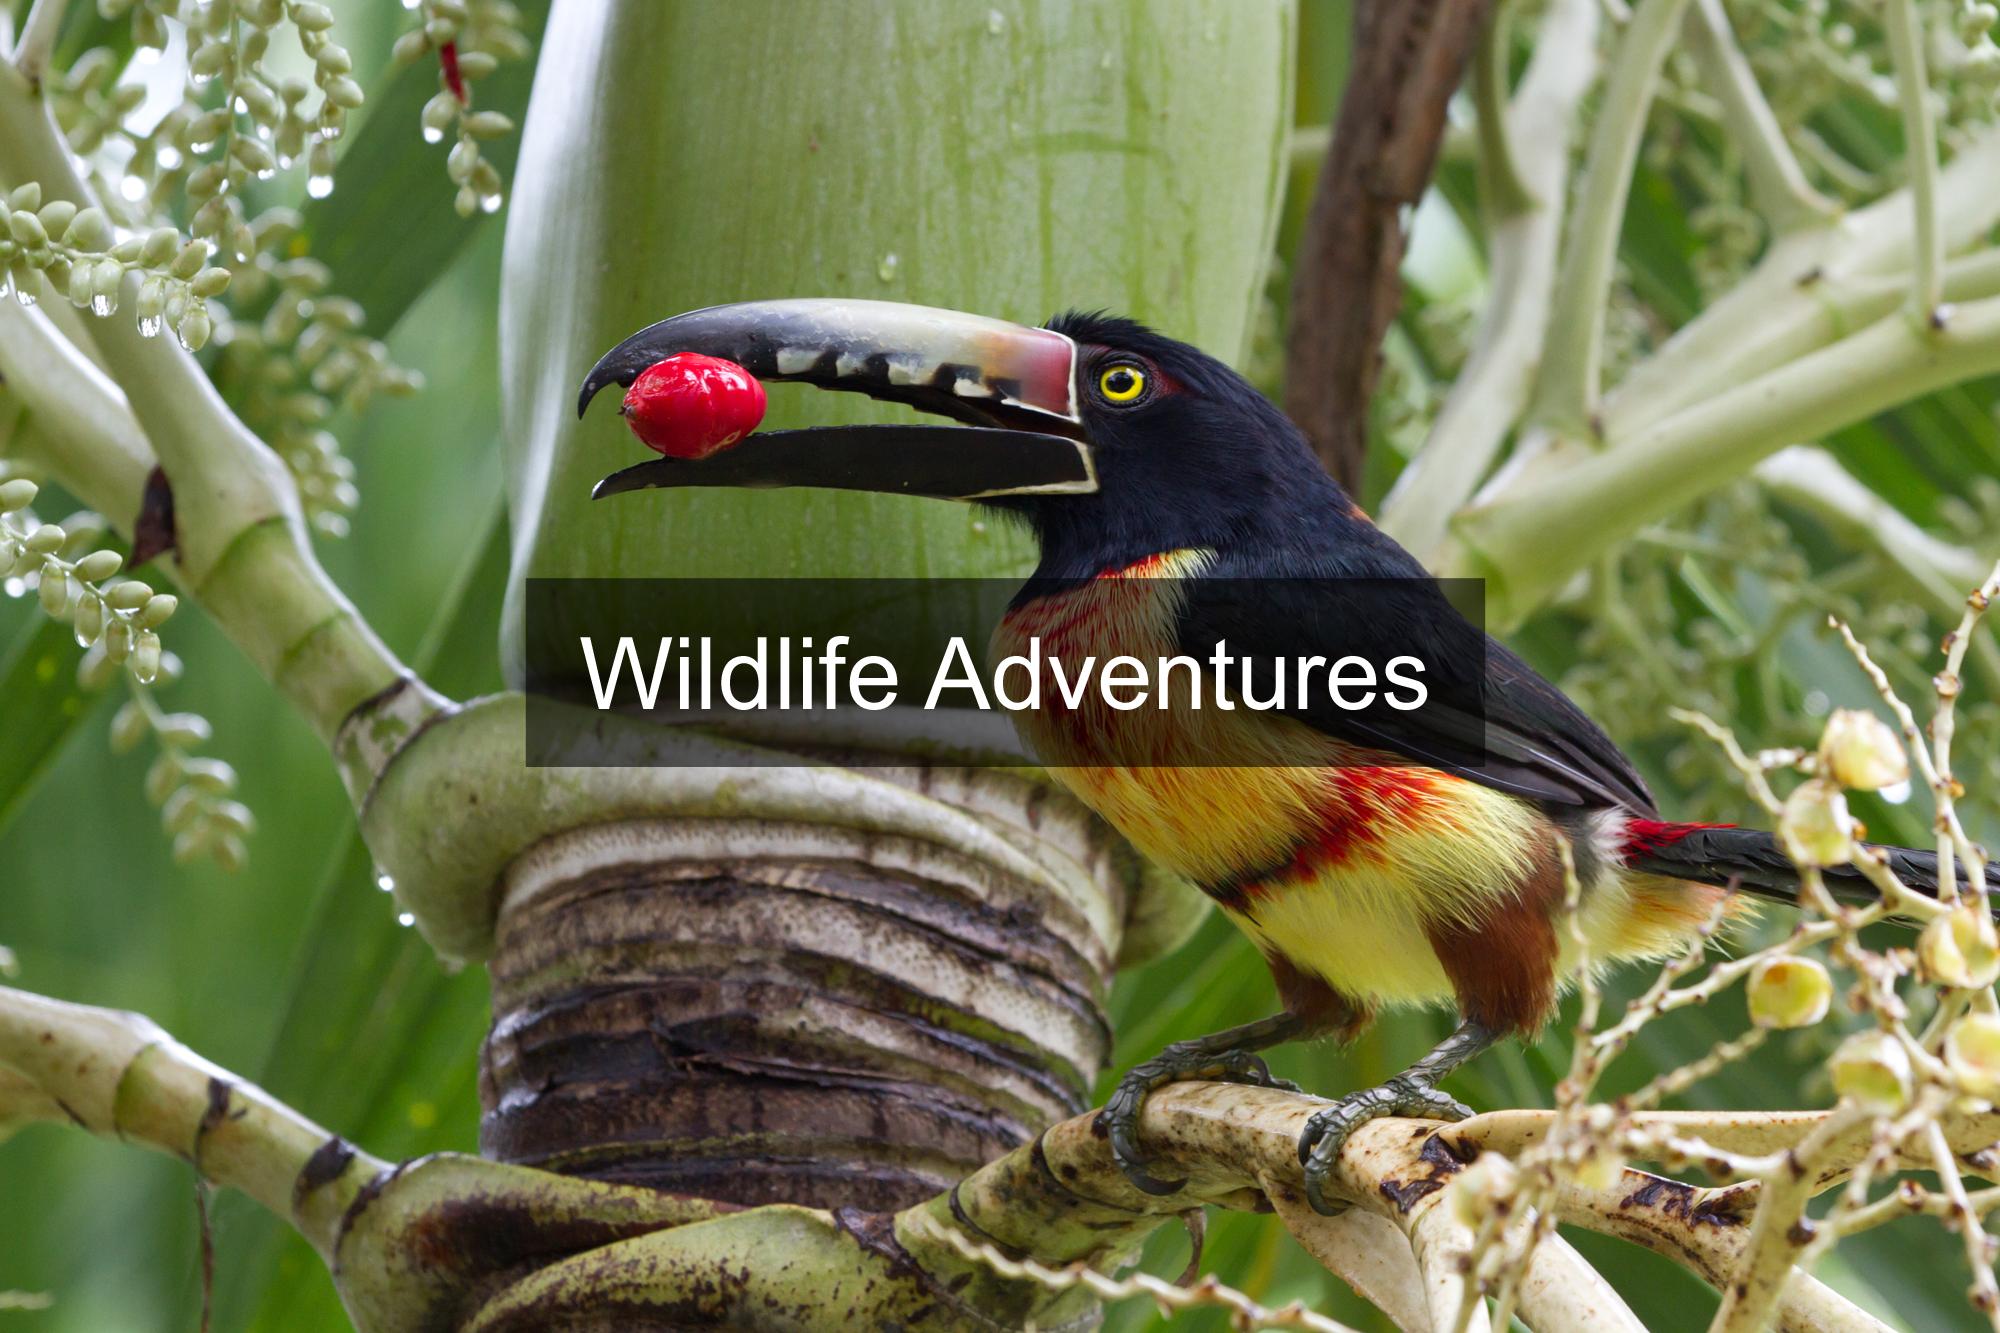 The Wildlife Adventures